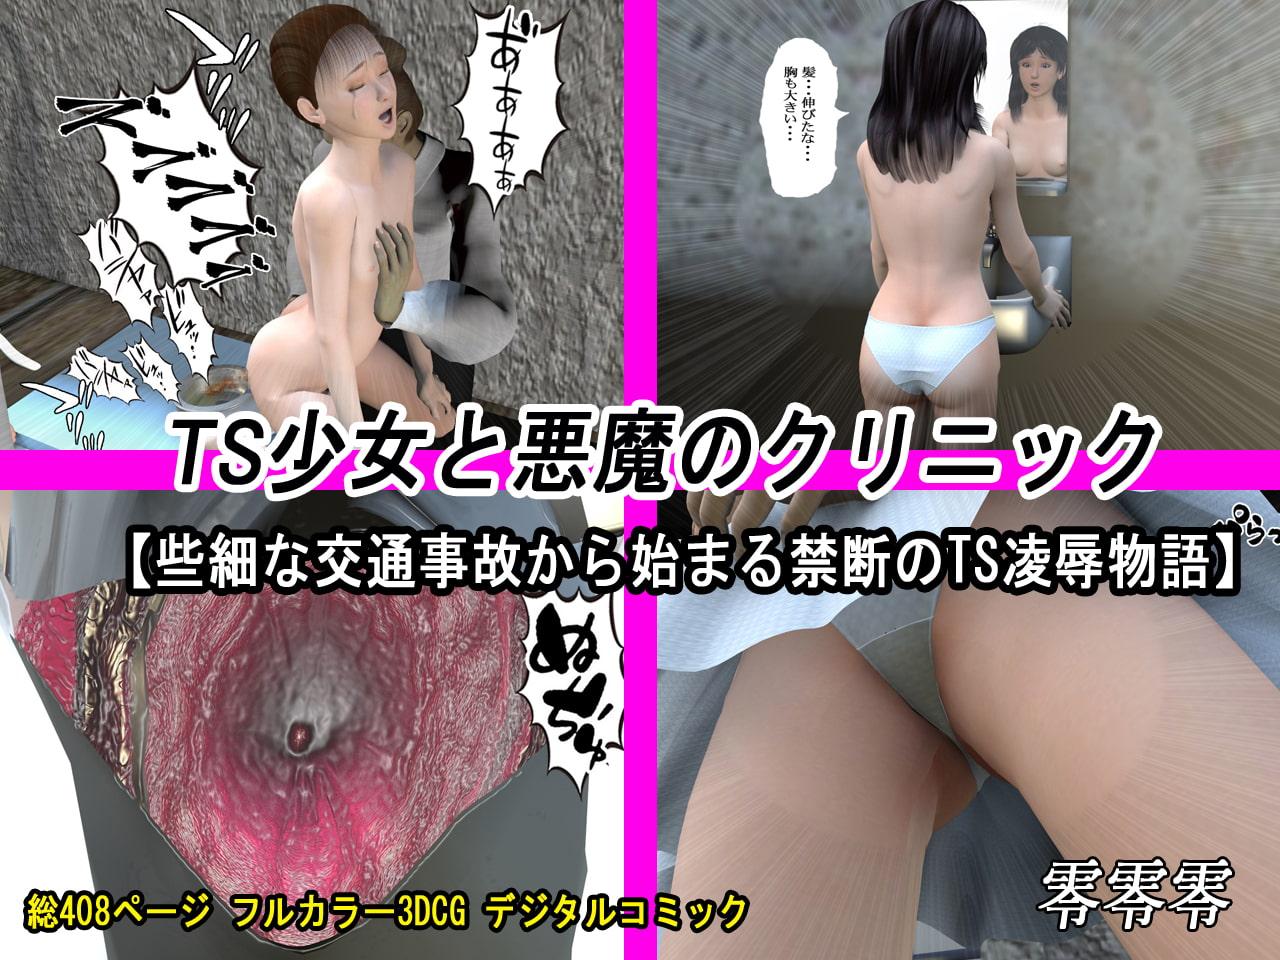 TS少女と悪魔のクリニック (些細な交通事故から始まる禁断のTS凌辱物語)